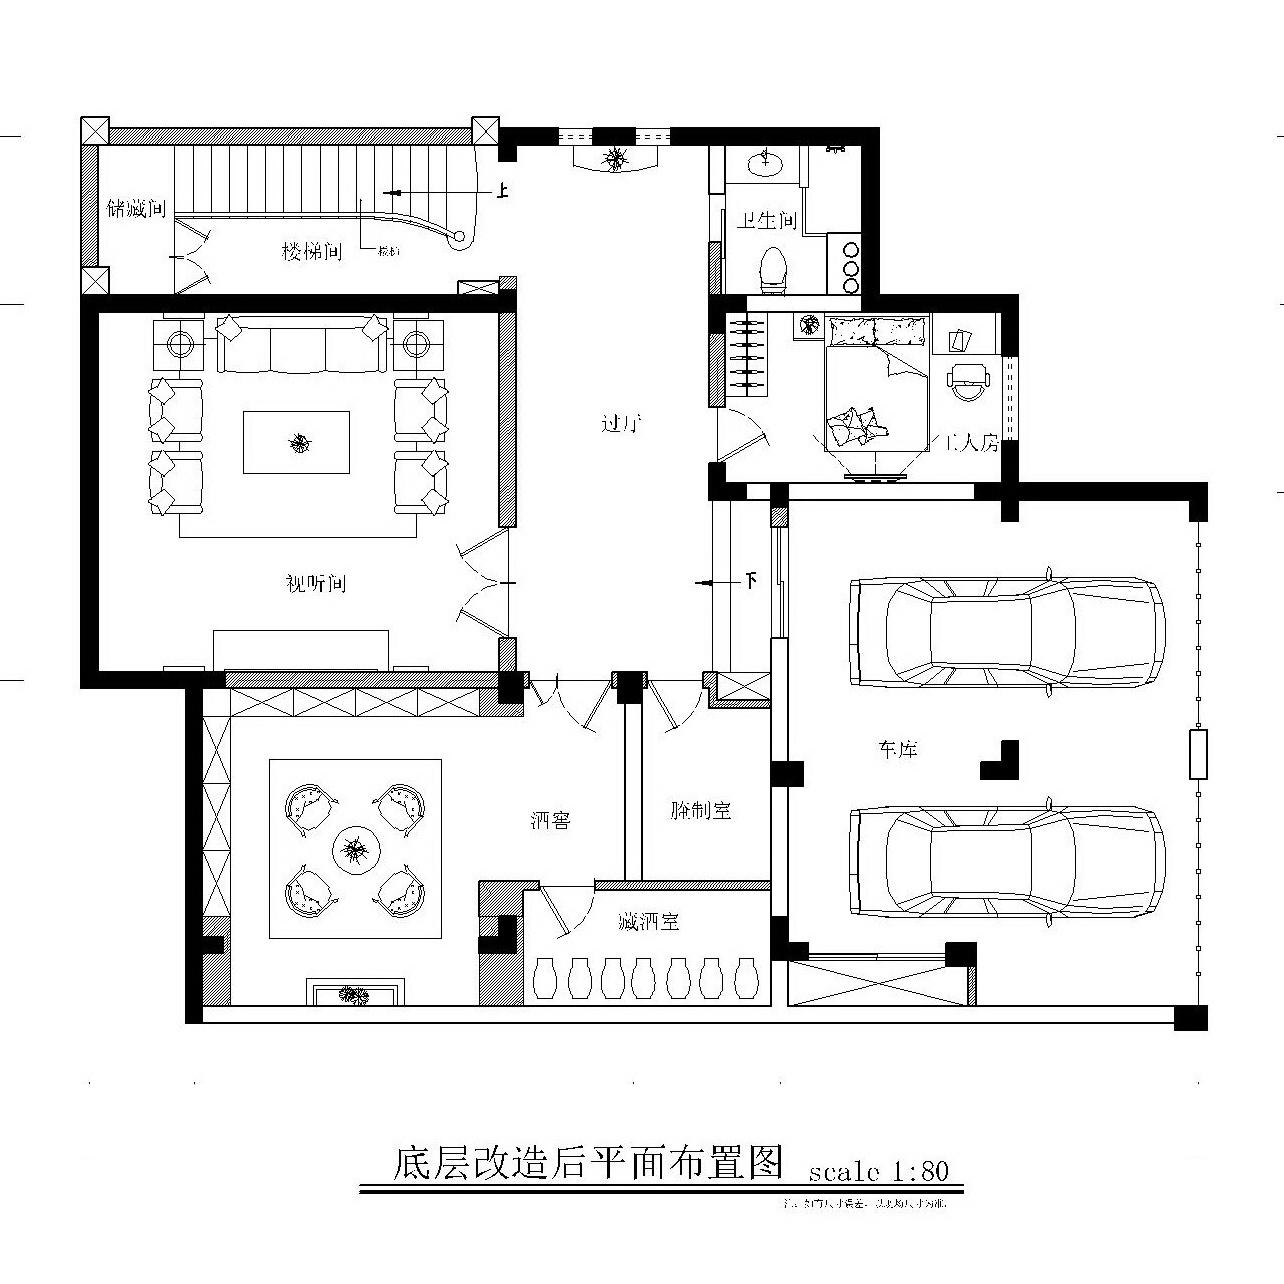 保利翡翠谷400㎡别墅欧式风格装修效果图装修设计理念